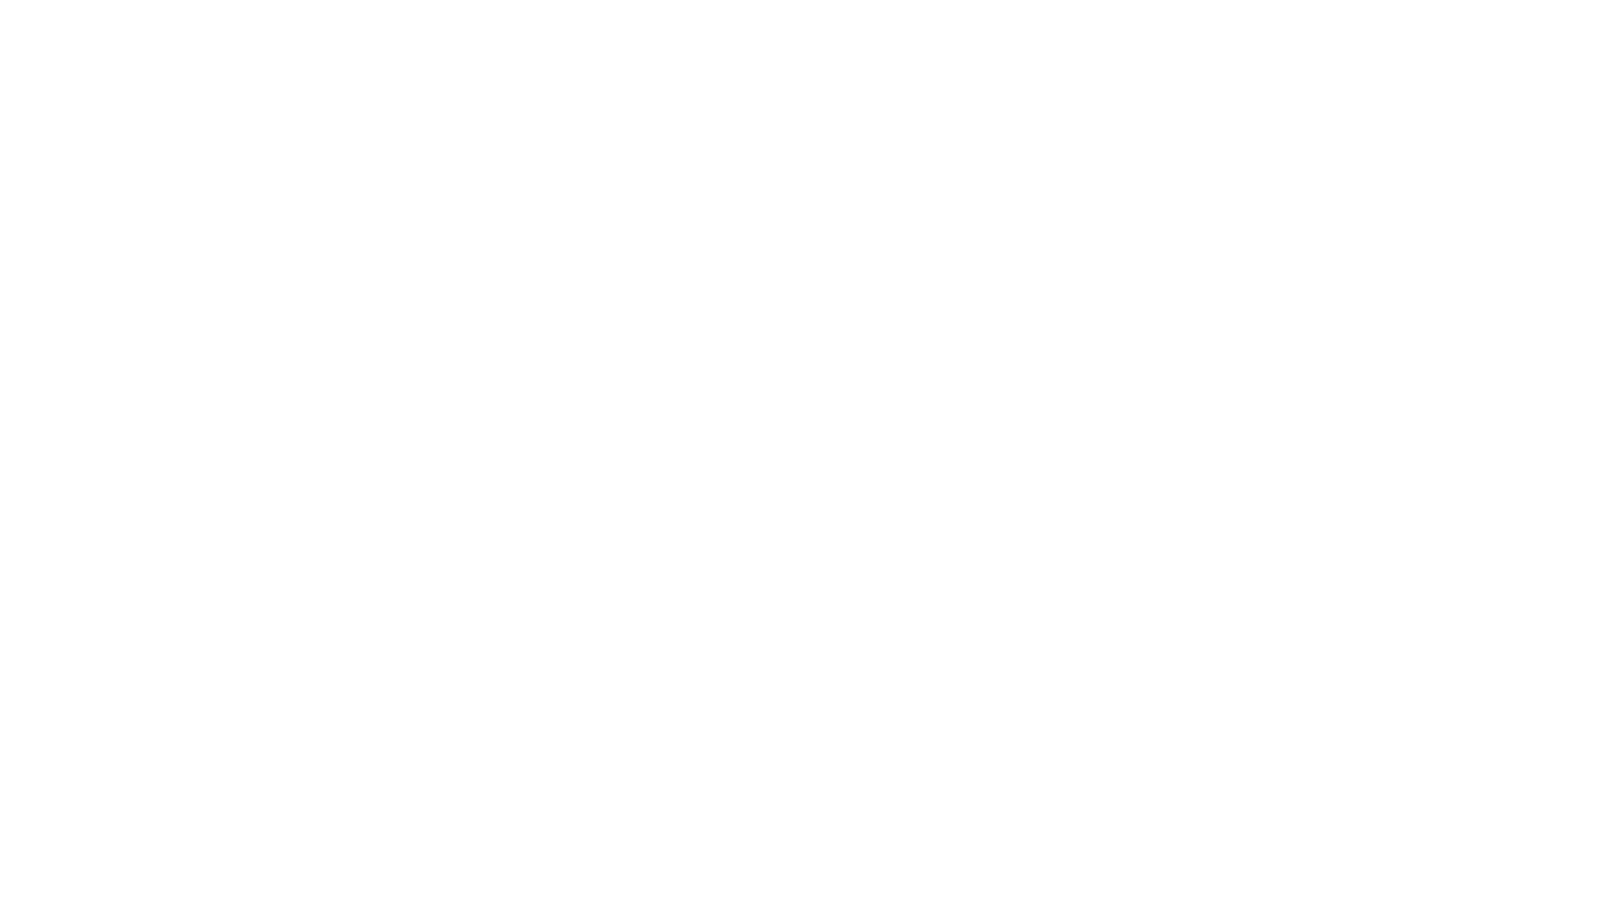 """Ein Beitrag vom regionalen Vernetzungstreffen von """"Schule ohne Rassismus - Schule mit Courage"""" am 15.03.2017 im Feierwerk München. LEO TV ist ein Projekt von PA/SPIELkultur e.V. - www.spielkultur.de - www.leotv.net"""